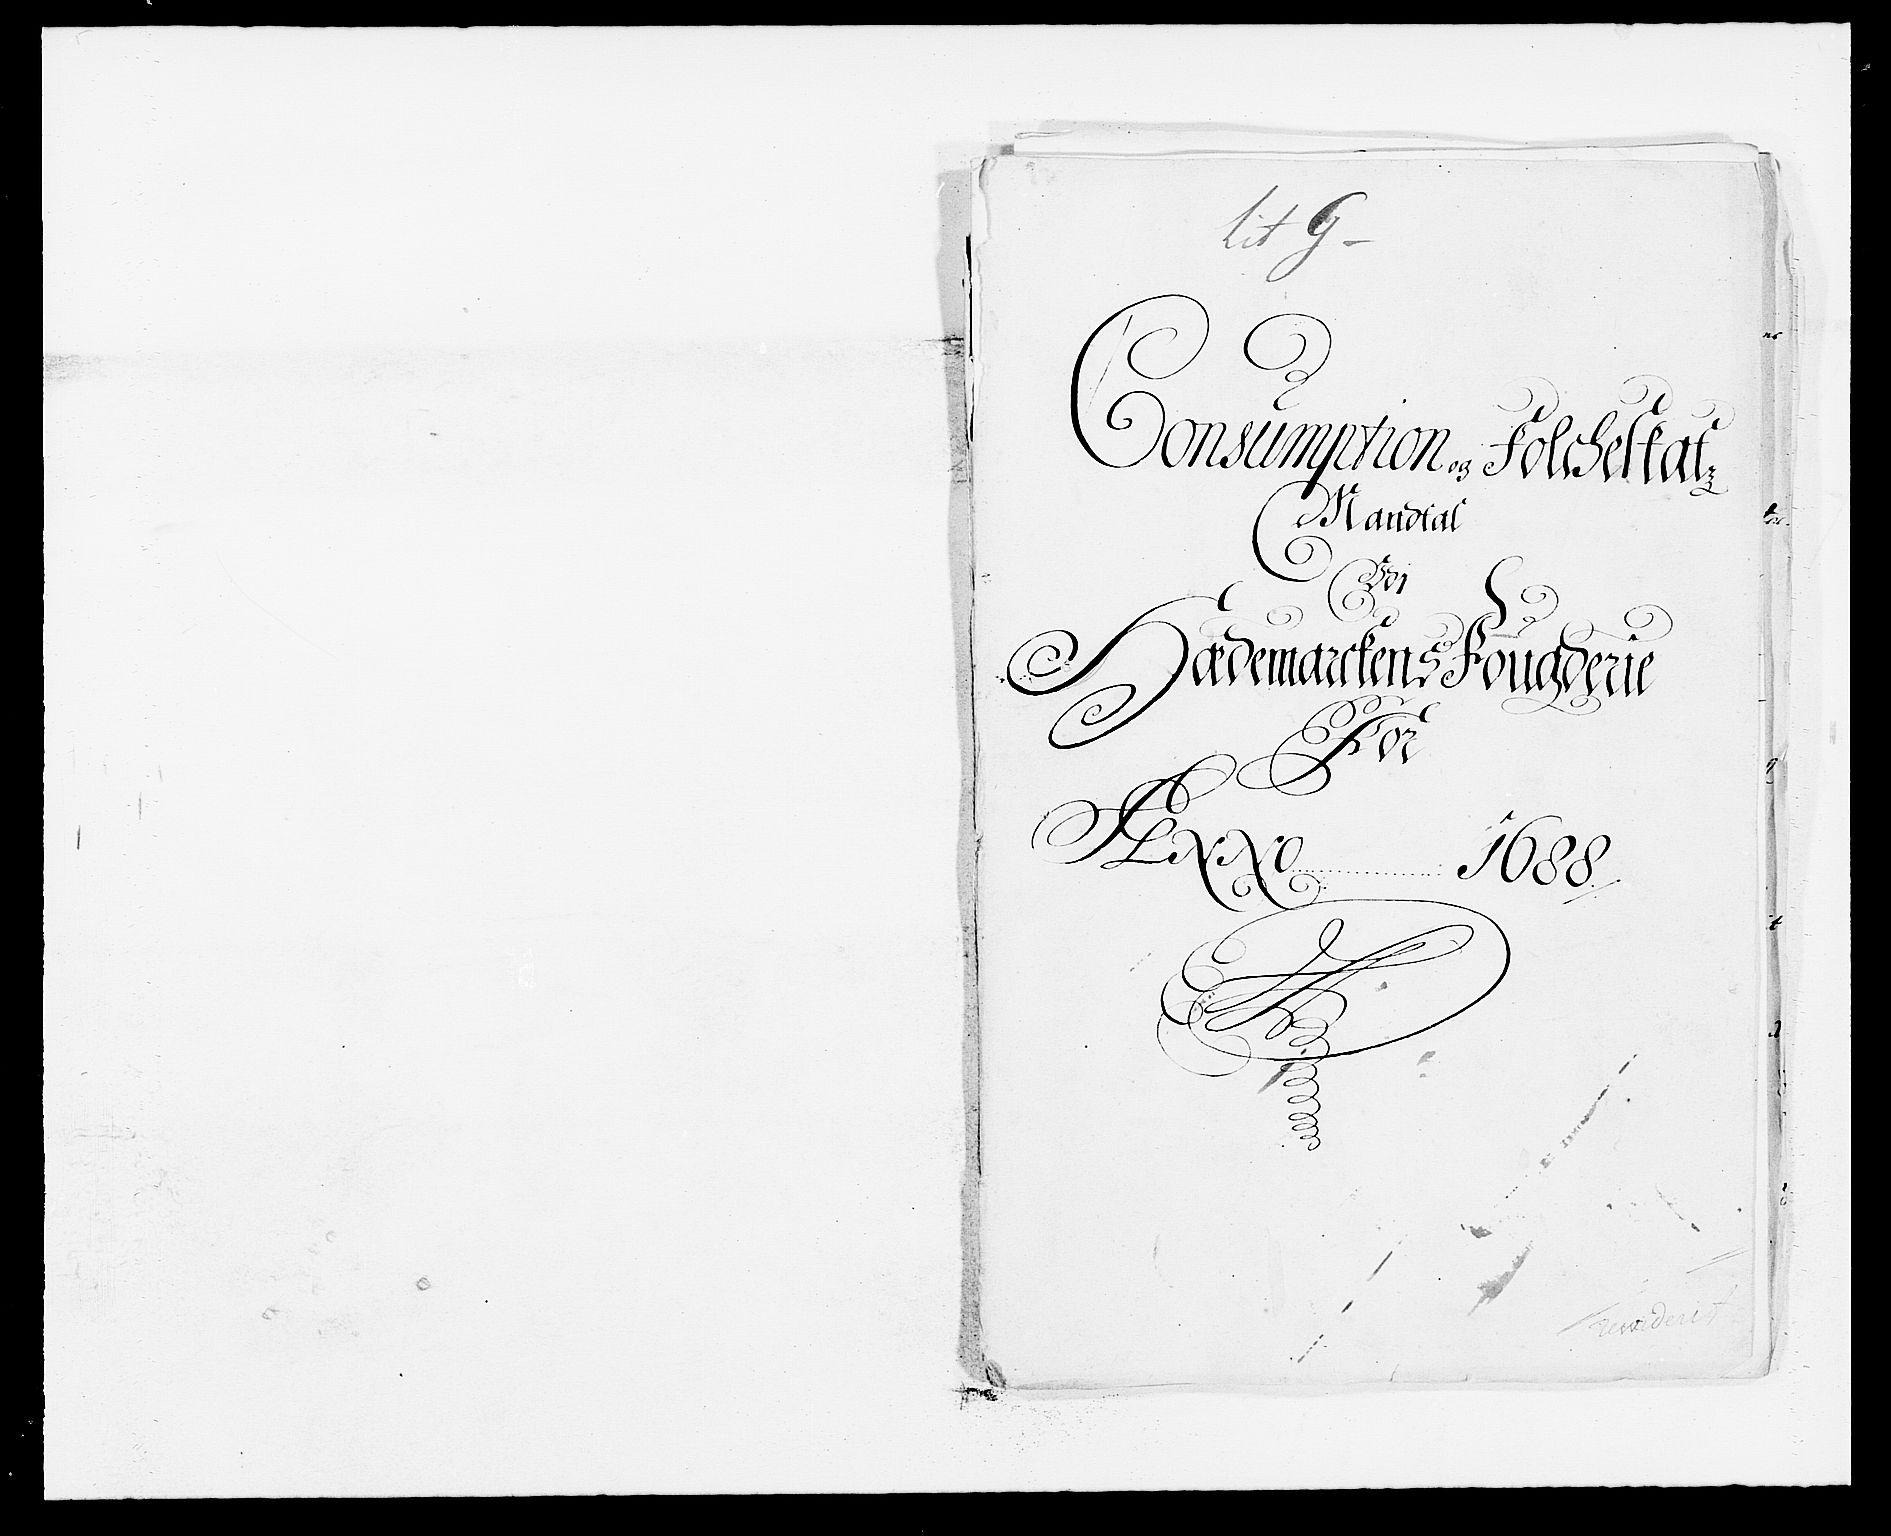 RA, Rentekammeret inntil 1814, Reviderte regnskaper, Fogderegnskap, R16/L1029: Fogderegnskap Hedmark, 1688, s. 306